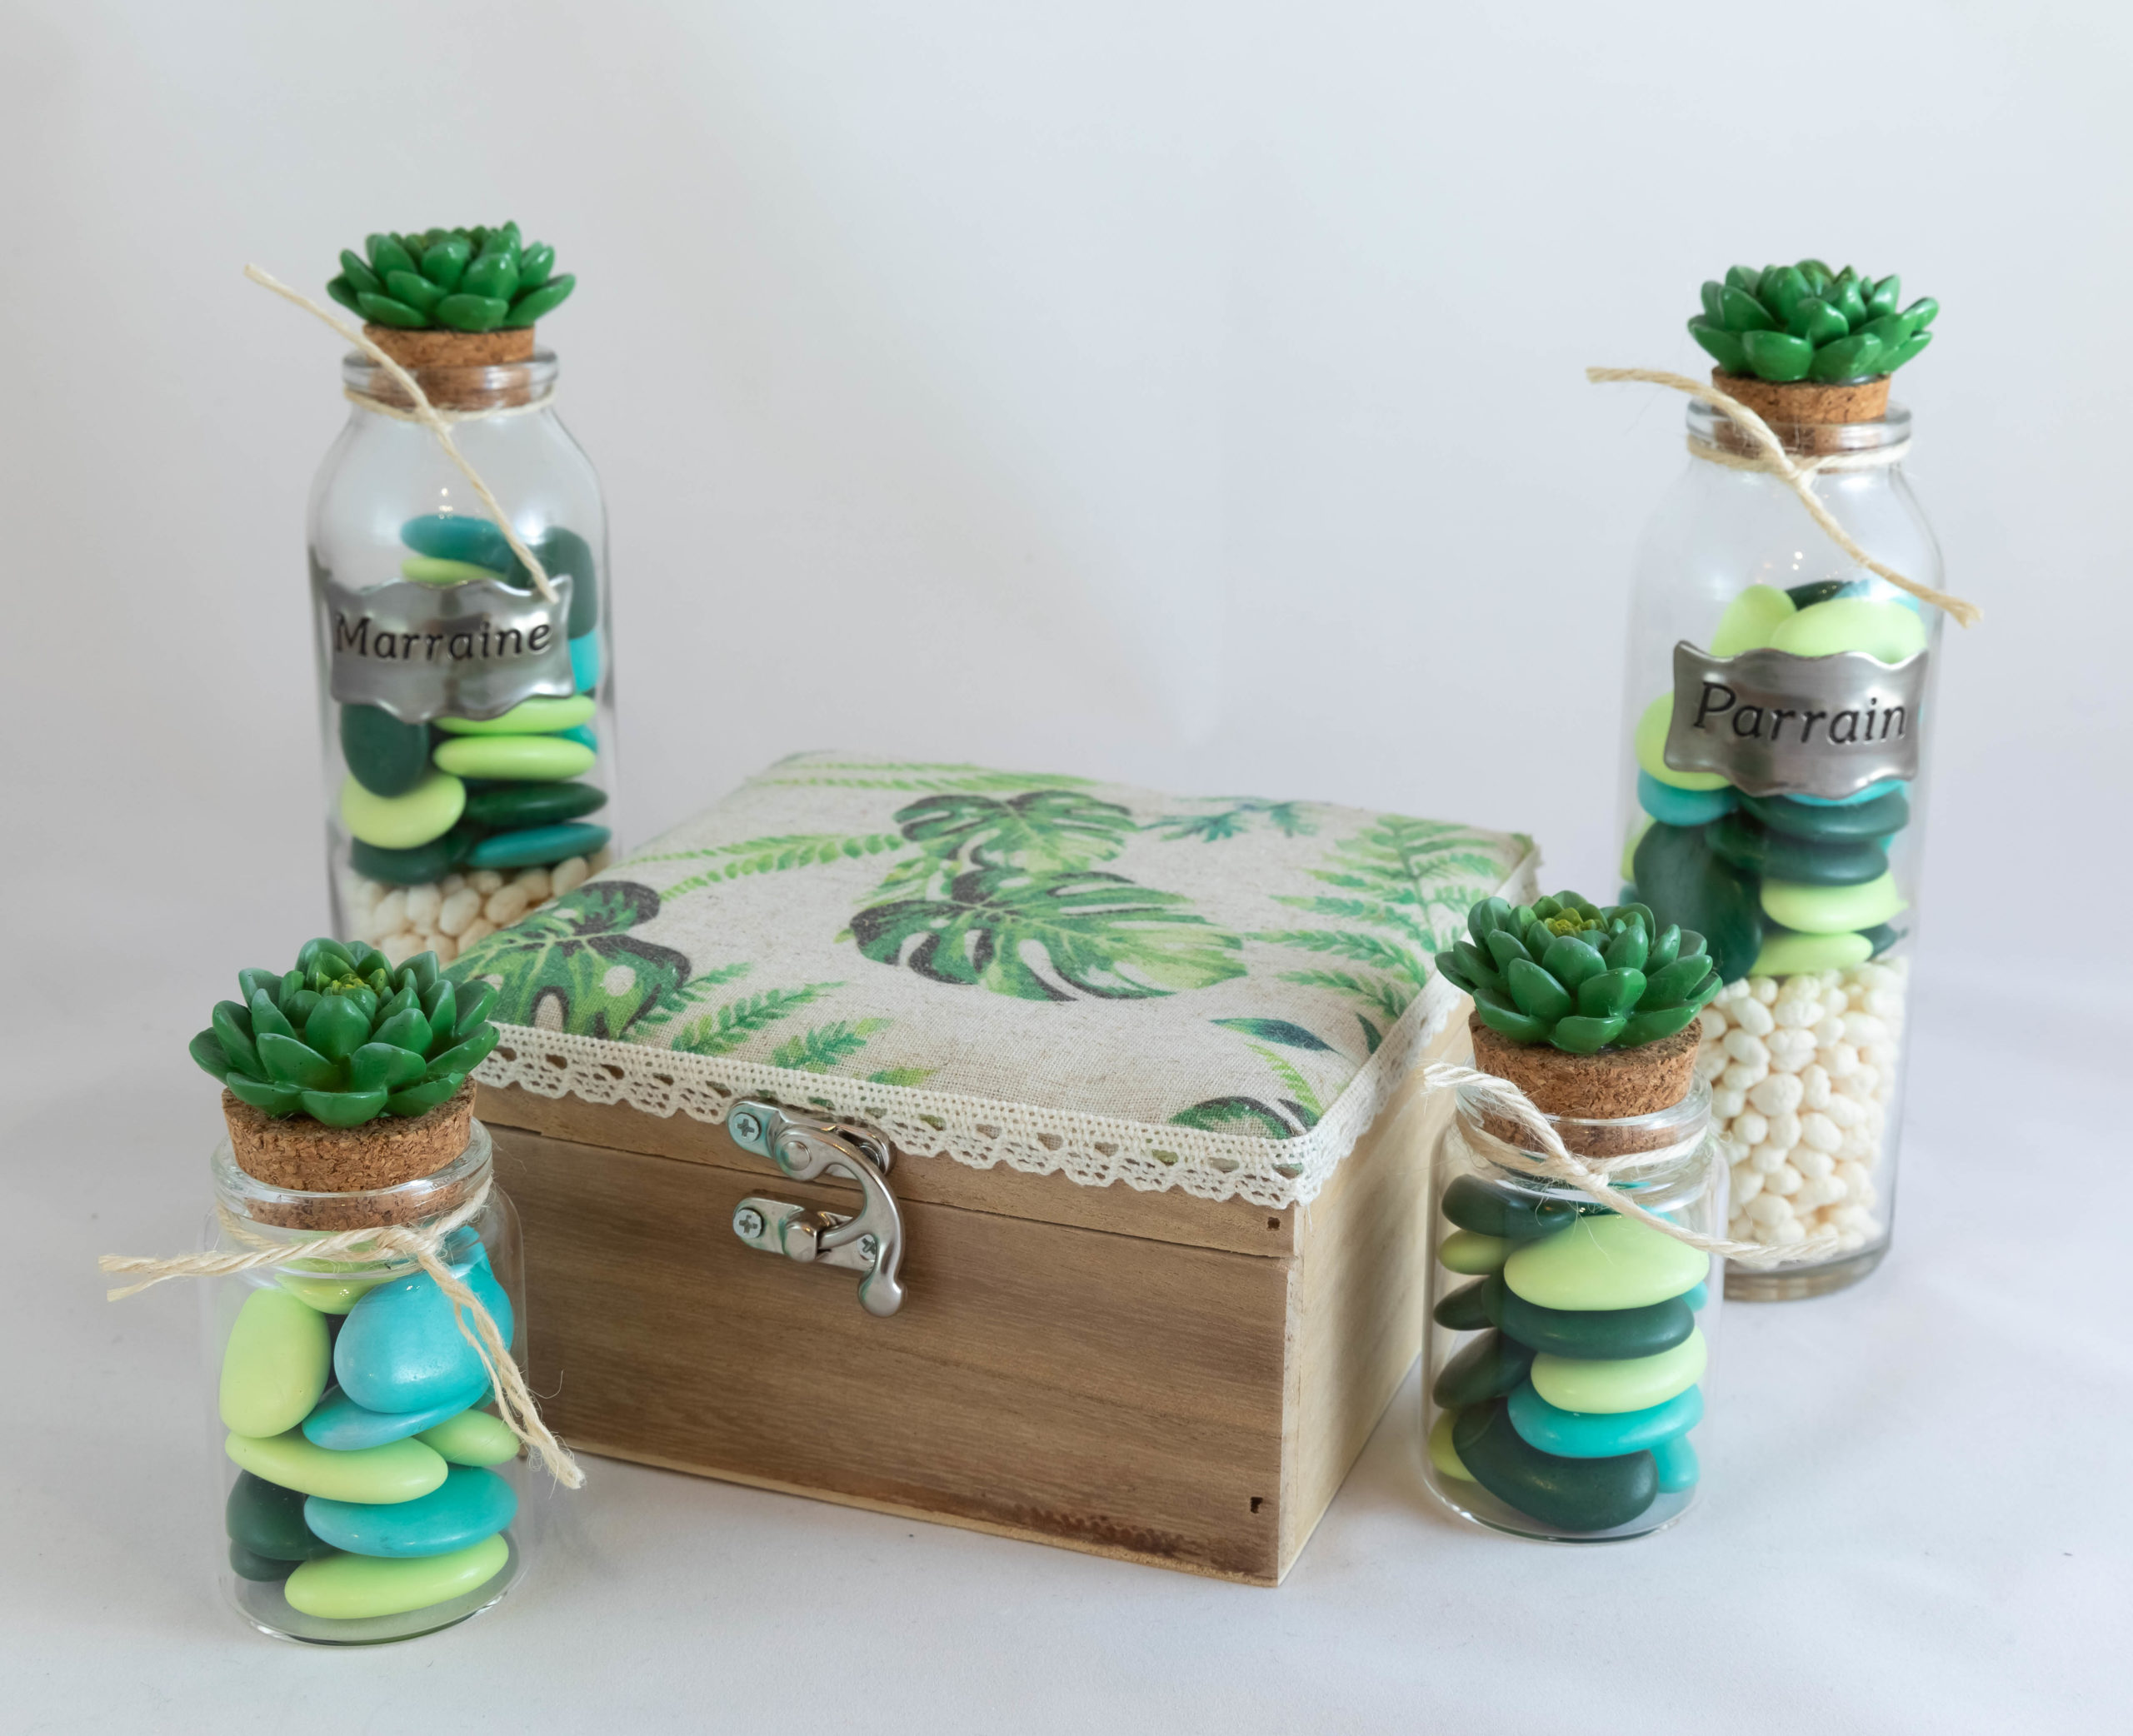 Boite en bois - Cactus Parrain & Marraine Image